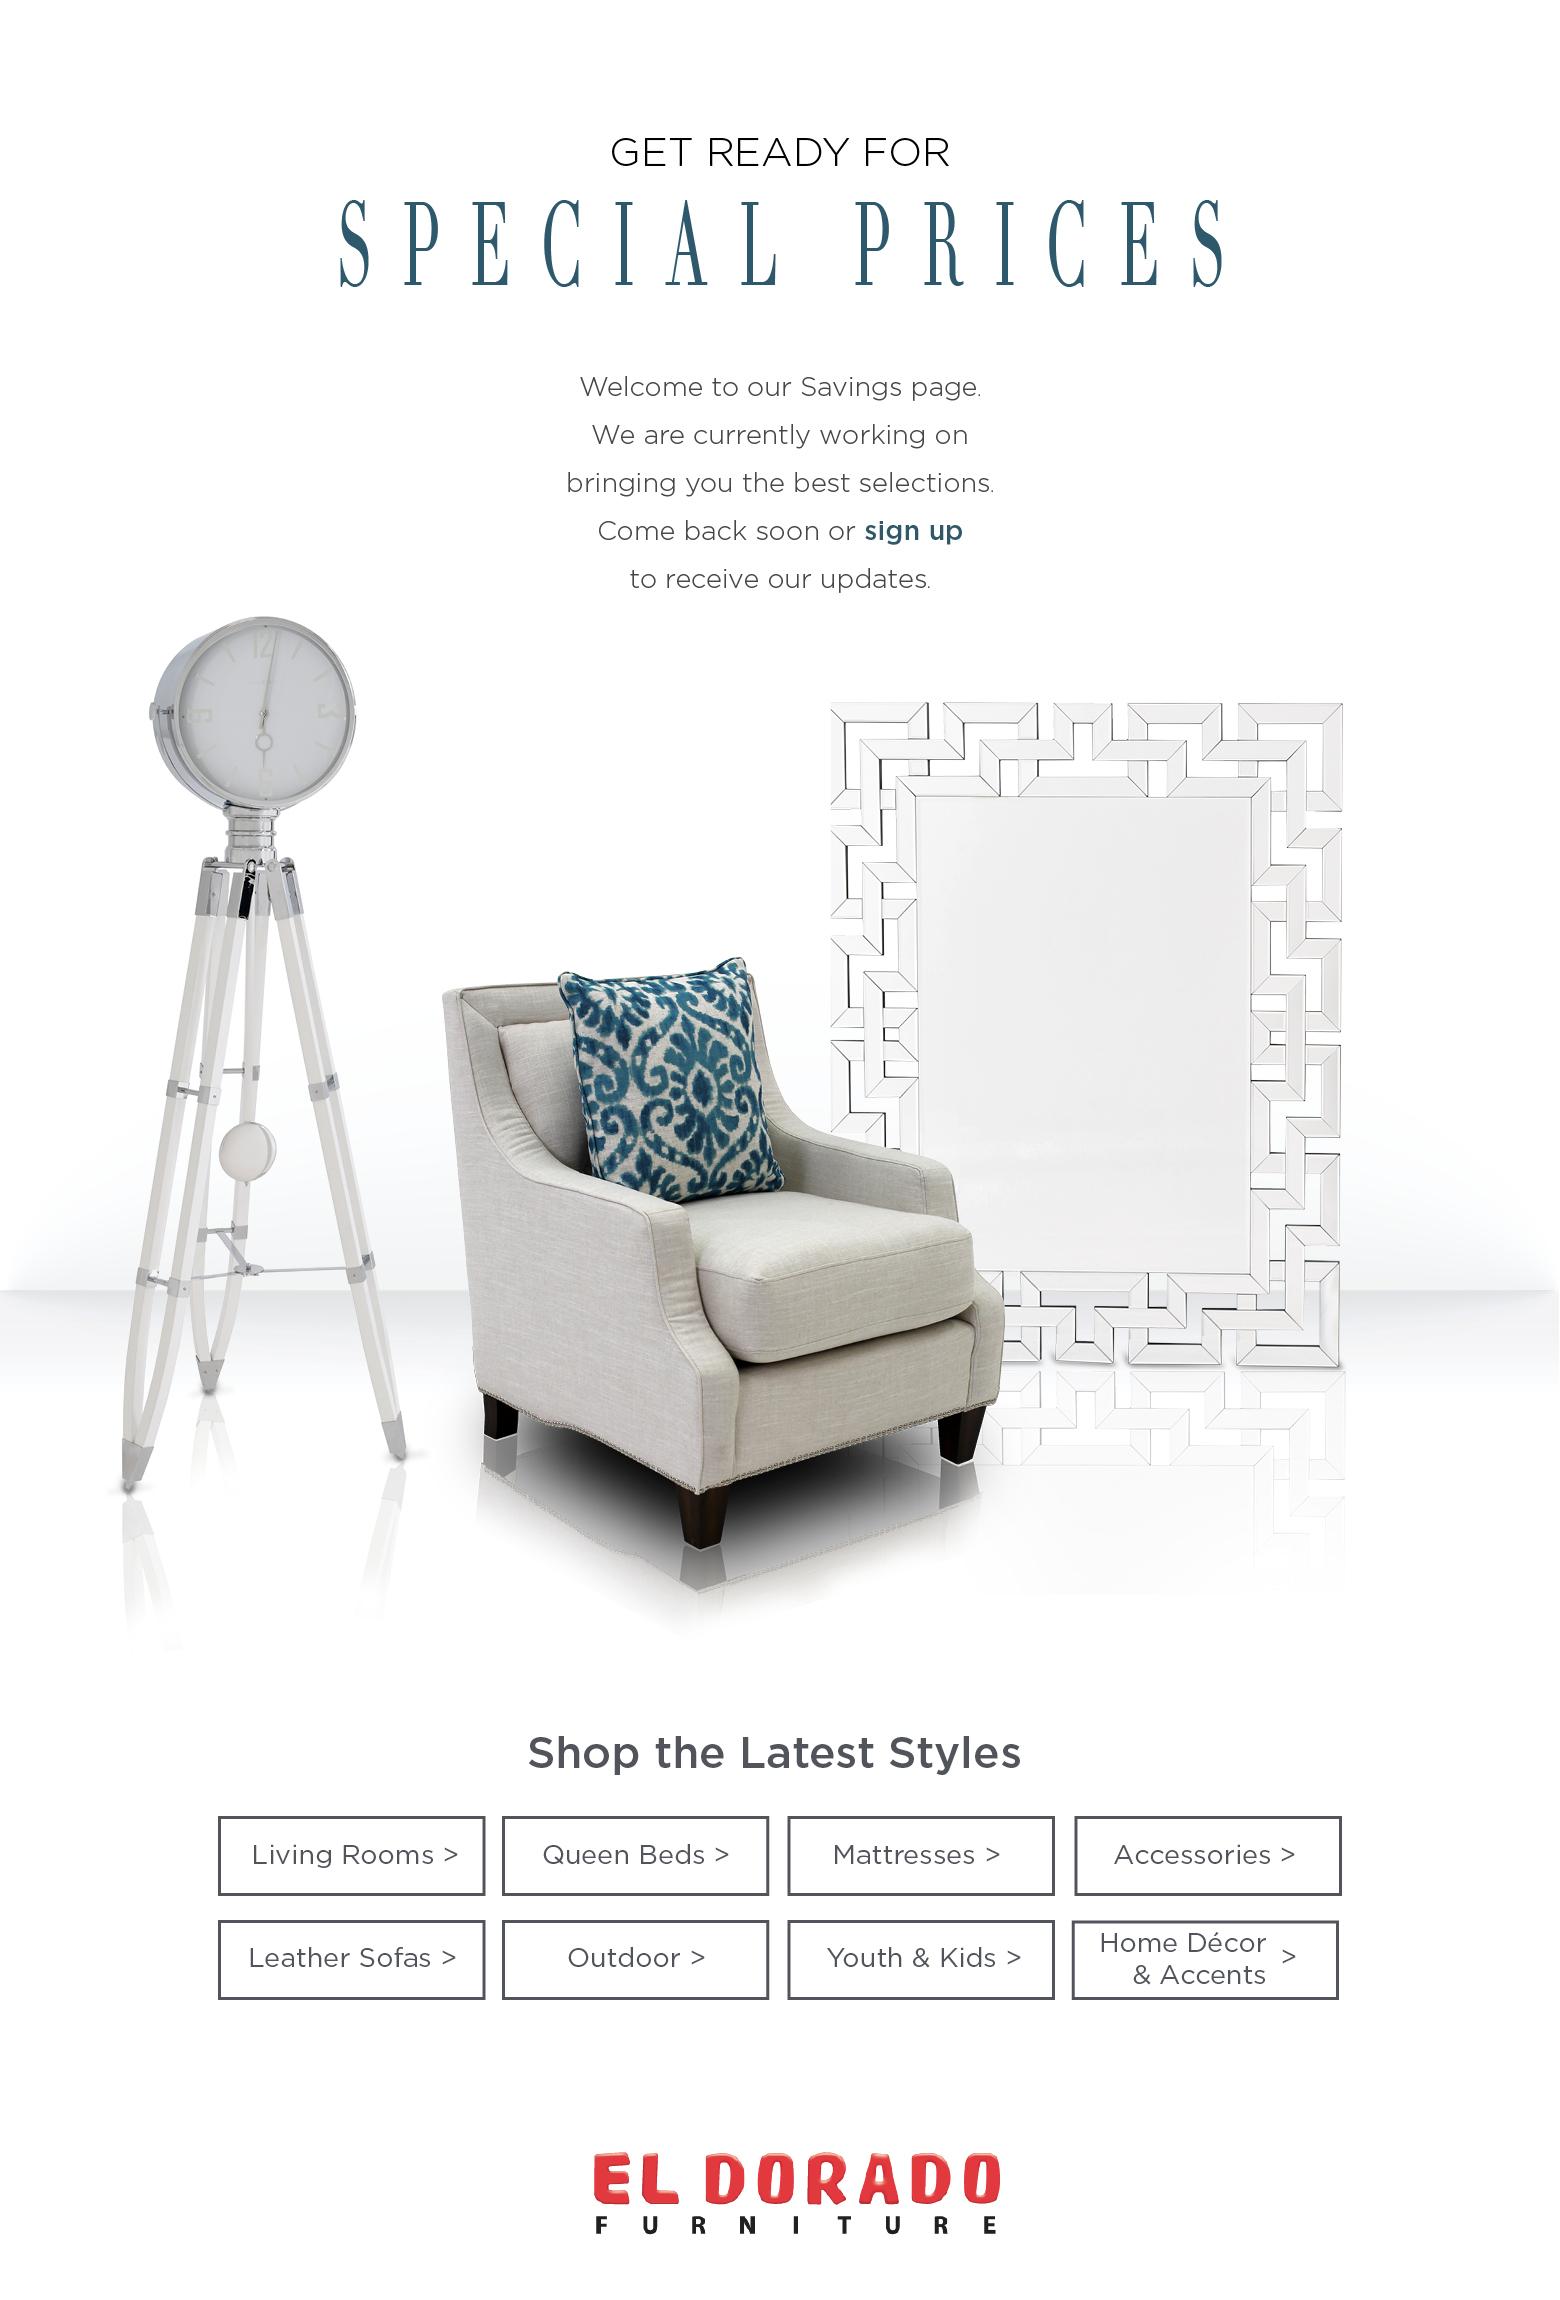 4th of July Sales Event | El Dorado Furniture